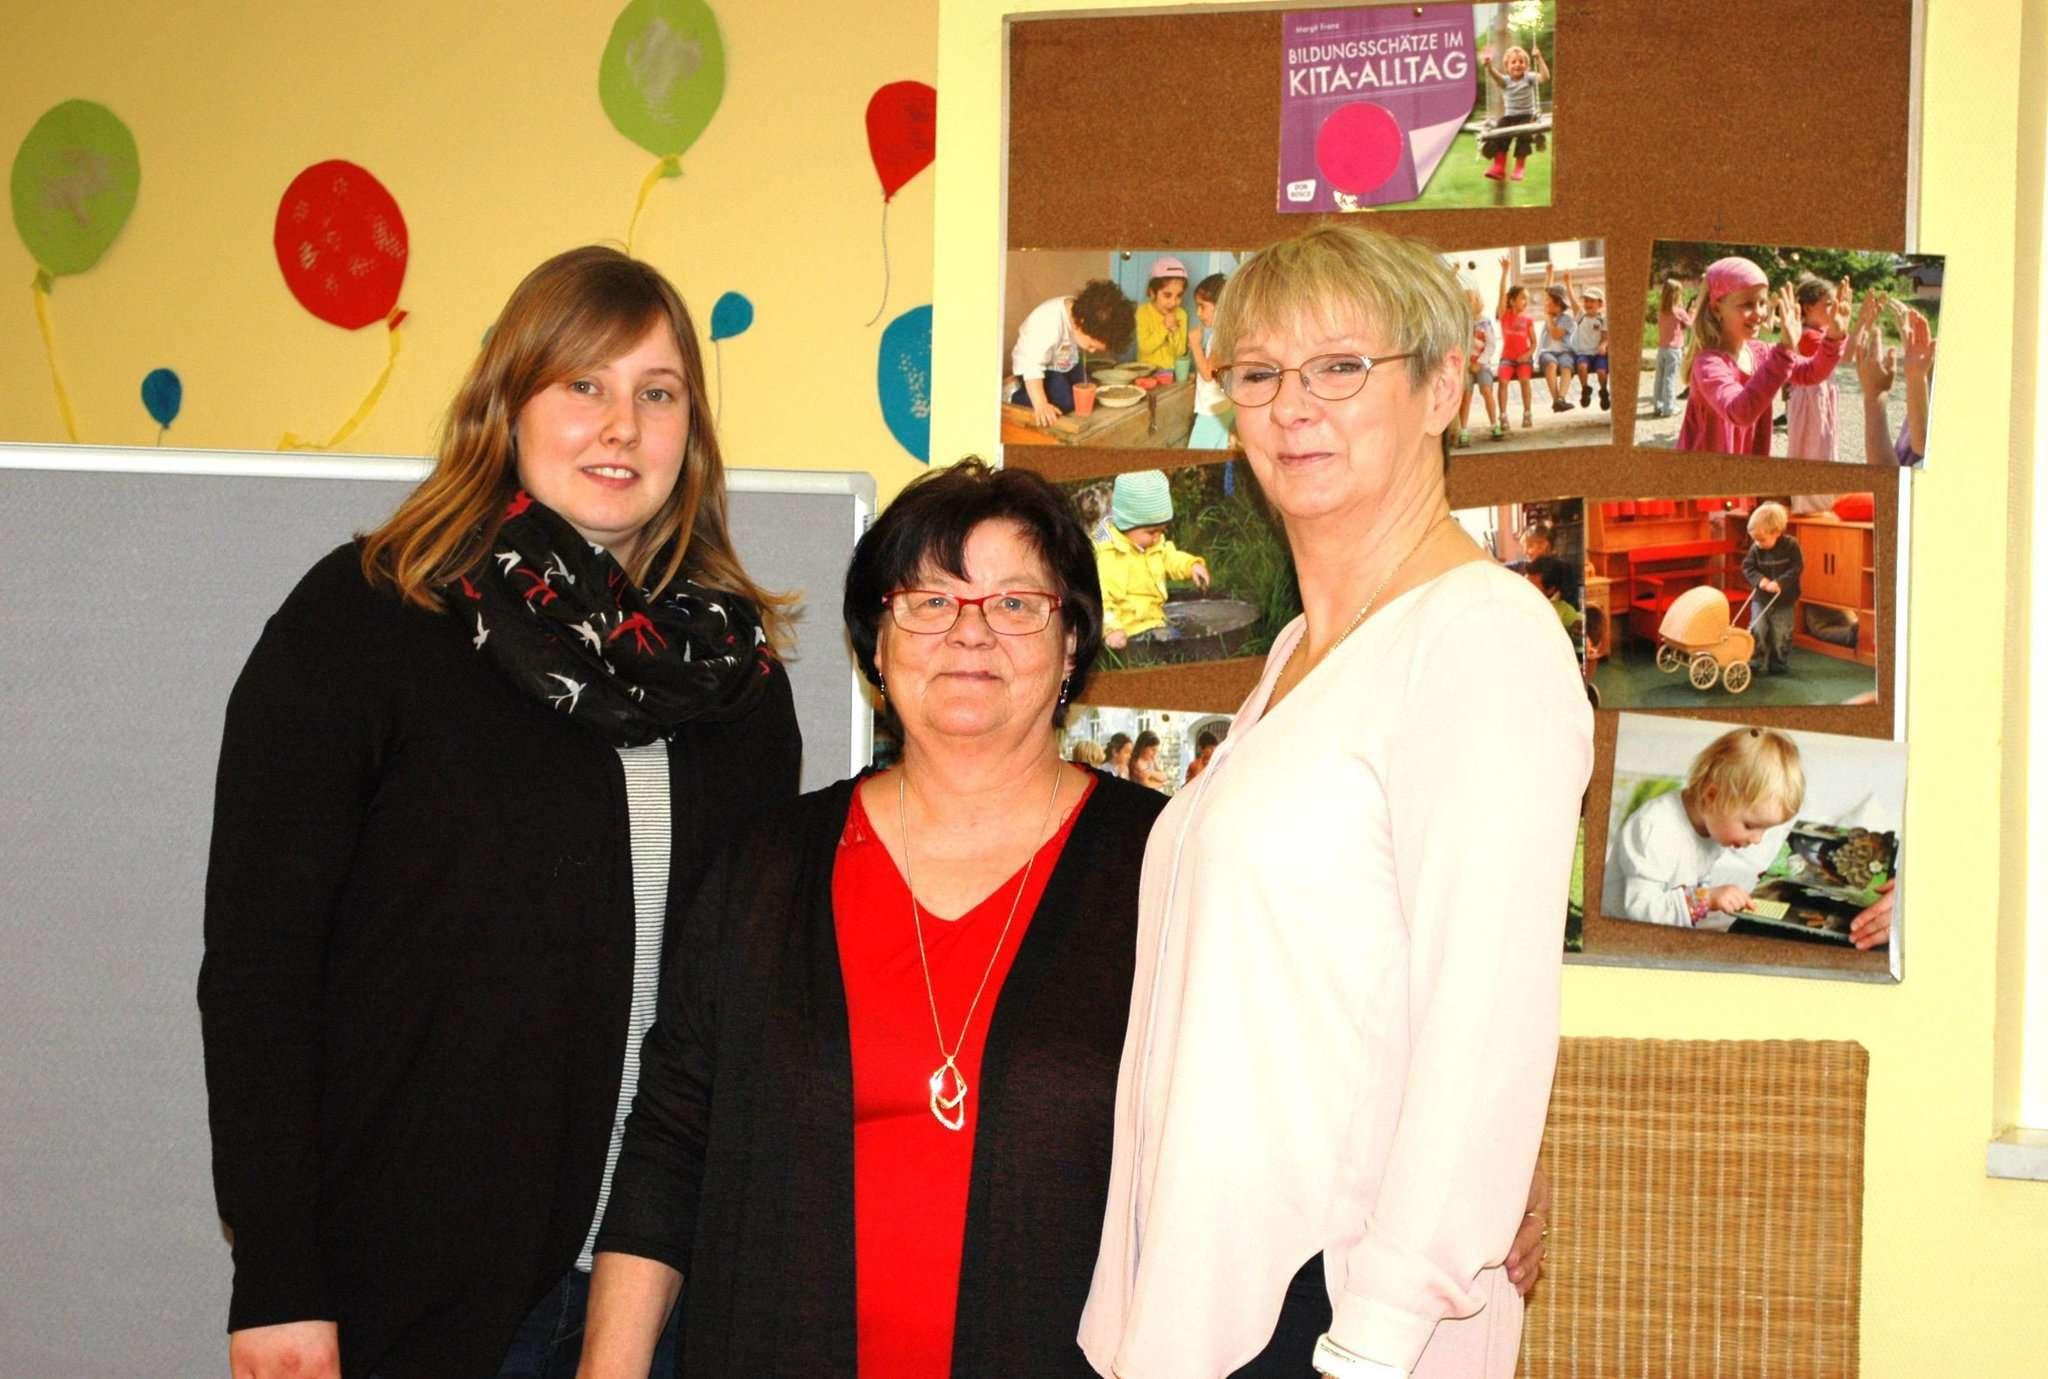 Hätten gerne weiter zusammen gearbeitet: Julia Schreiber (von links), Dagmar Schott und Sabine Kalweit Fotos: Jens Lou00ebs